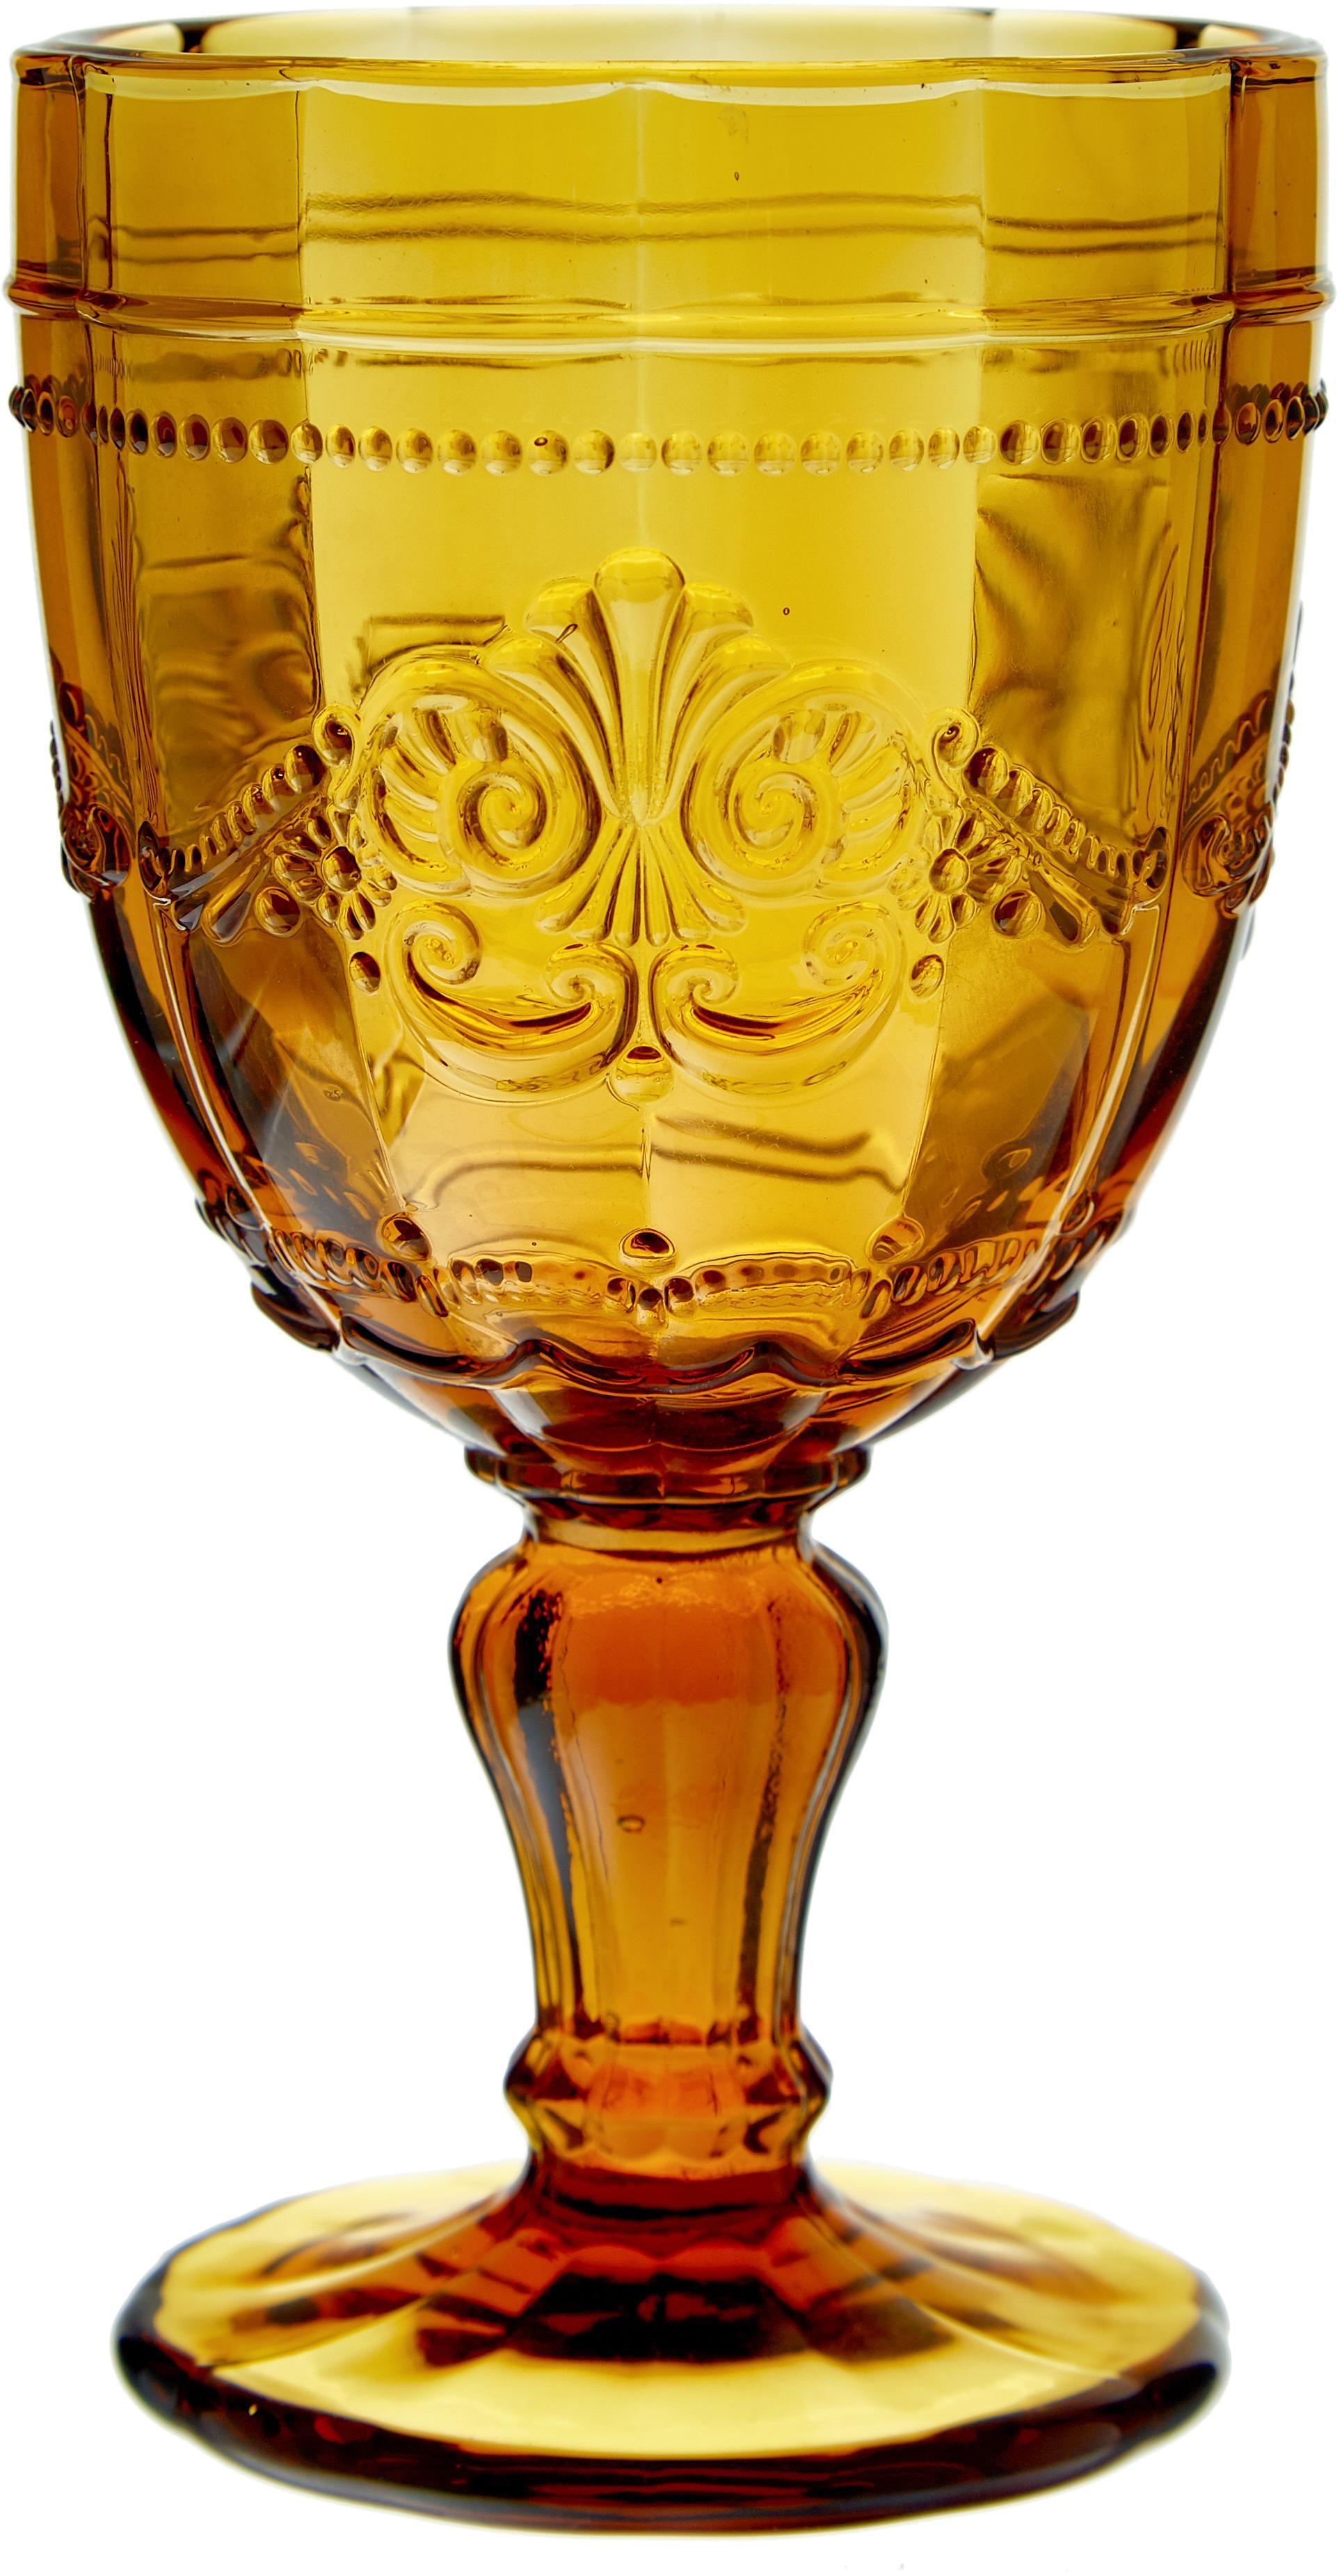 Weingläser Syrah in Bunt und mit Strukturmuster, 6er-Set, Glas, Pink, Blau, Türkis, Grün, Gelb, Grau, Ø 9 x H 15 cm